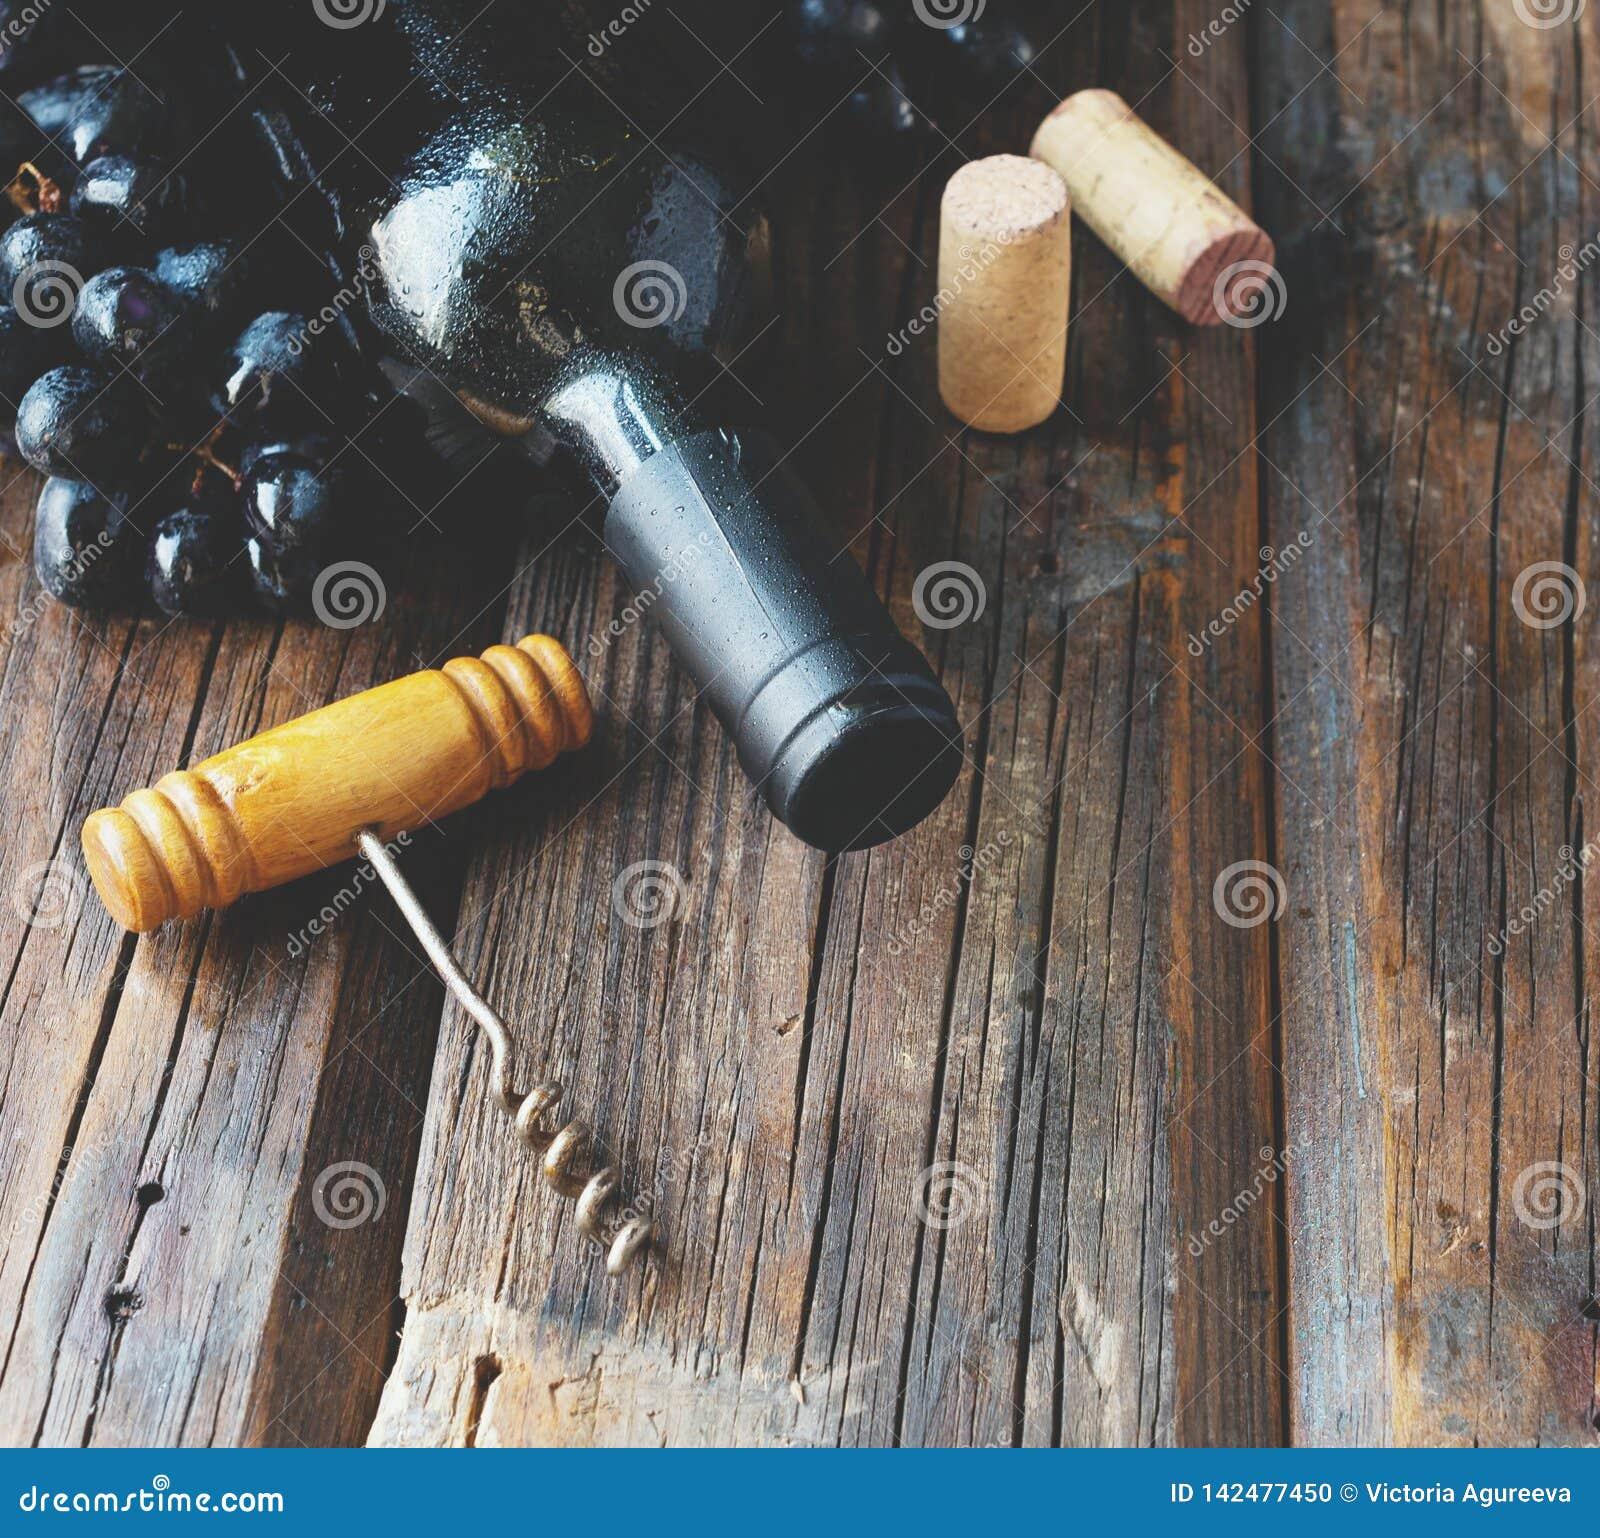 Flasche Rotwein mit frischer Traube und Bündel Korken auf Holztisch